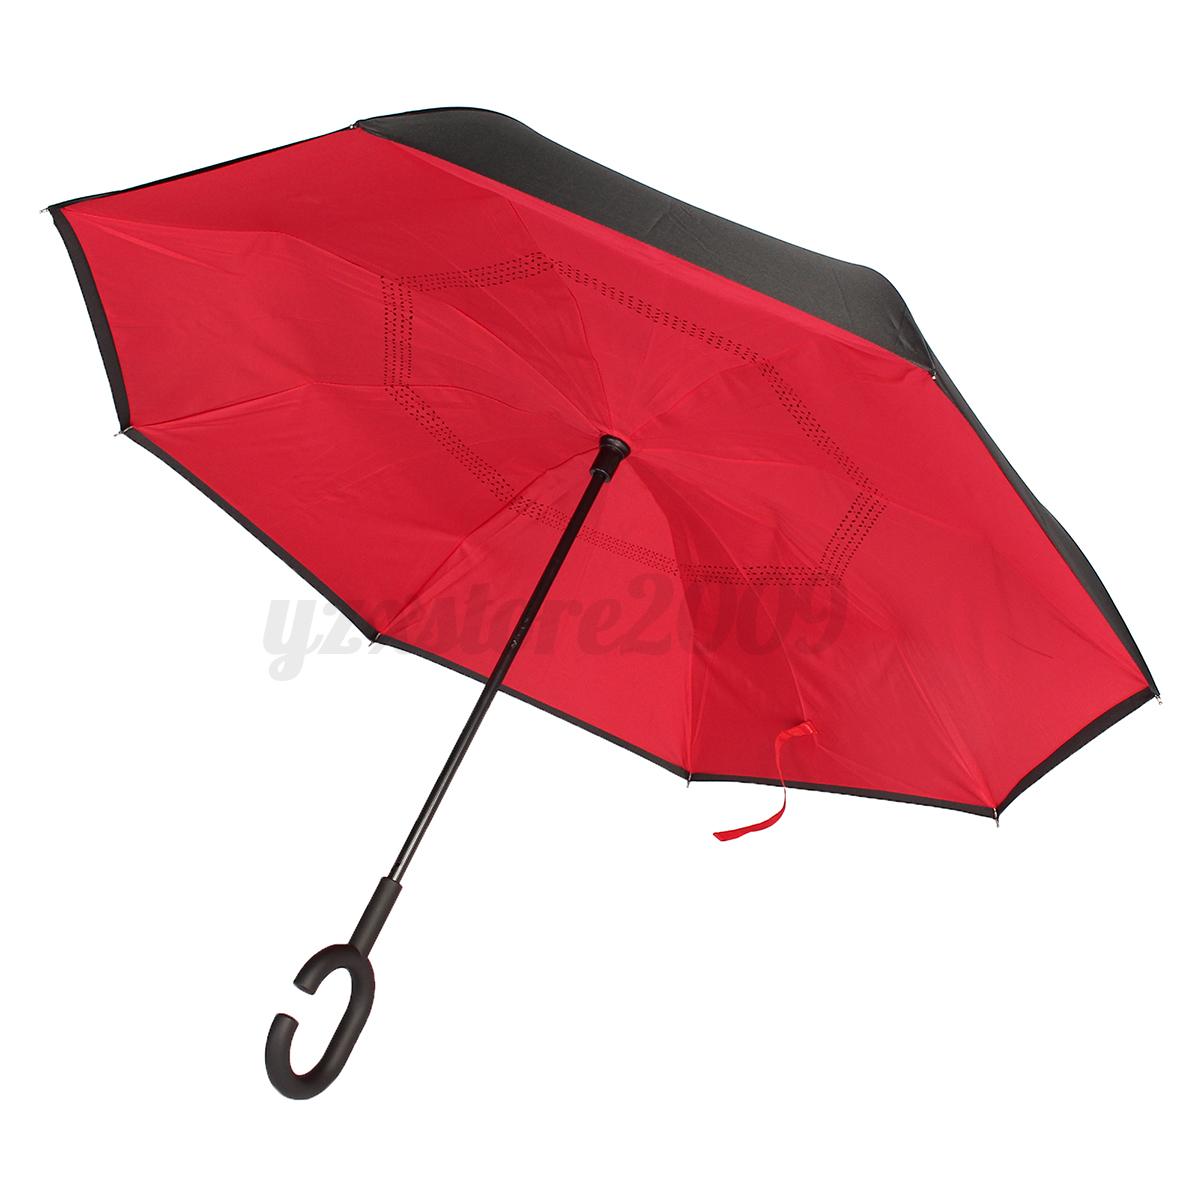 parapluie pluie soleil pliant double imprim invers anti soleil vent parasol ebay. Black Bedroom Furniture Sets. Home Design Ideas